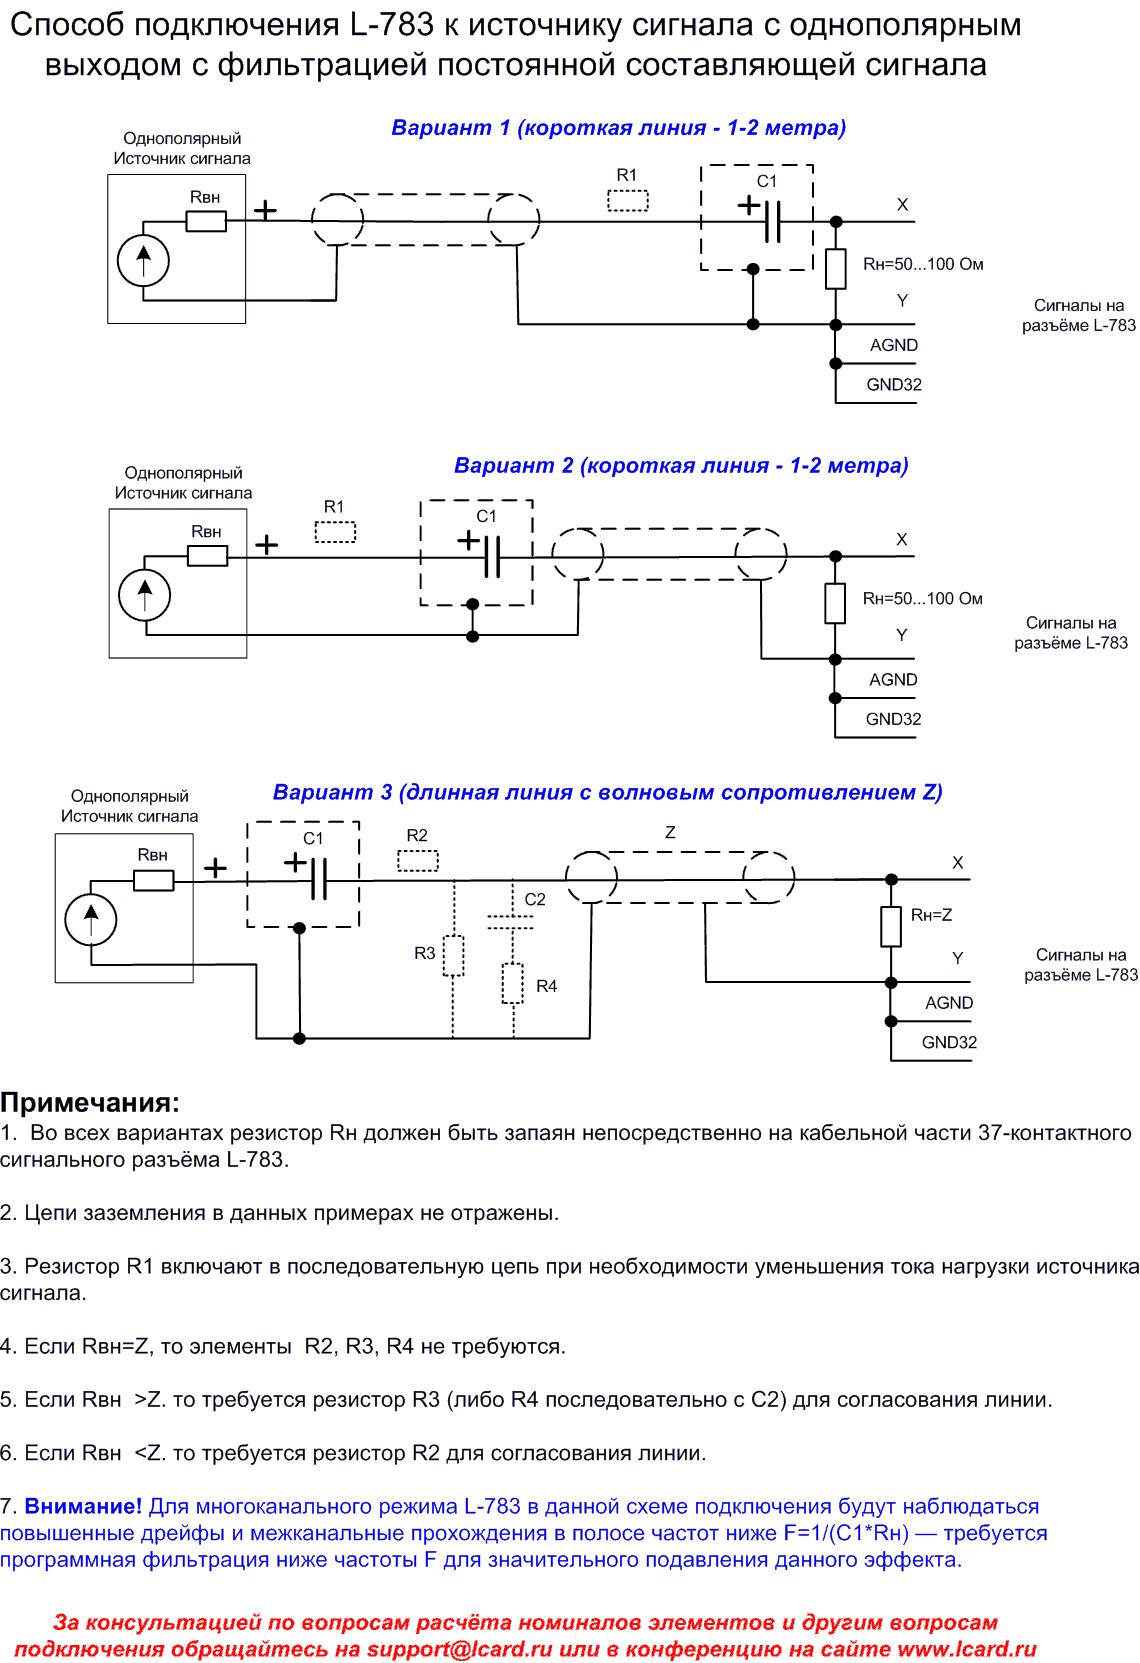 Примеры специальных схем согласования входа АЦП для решения задач отсечки постоянной составляющей сигнала